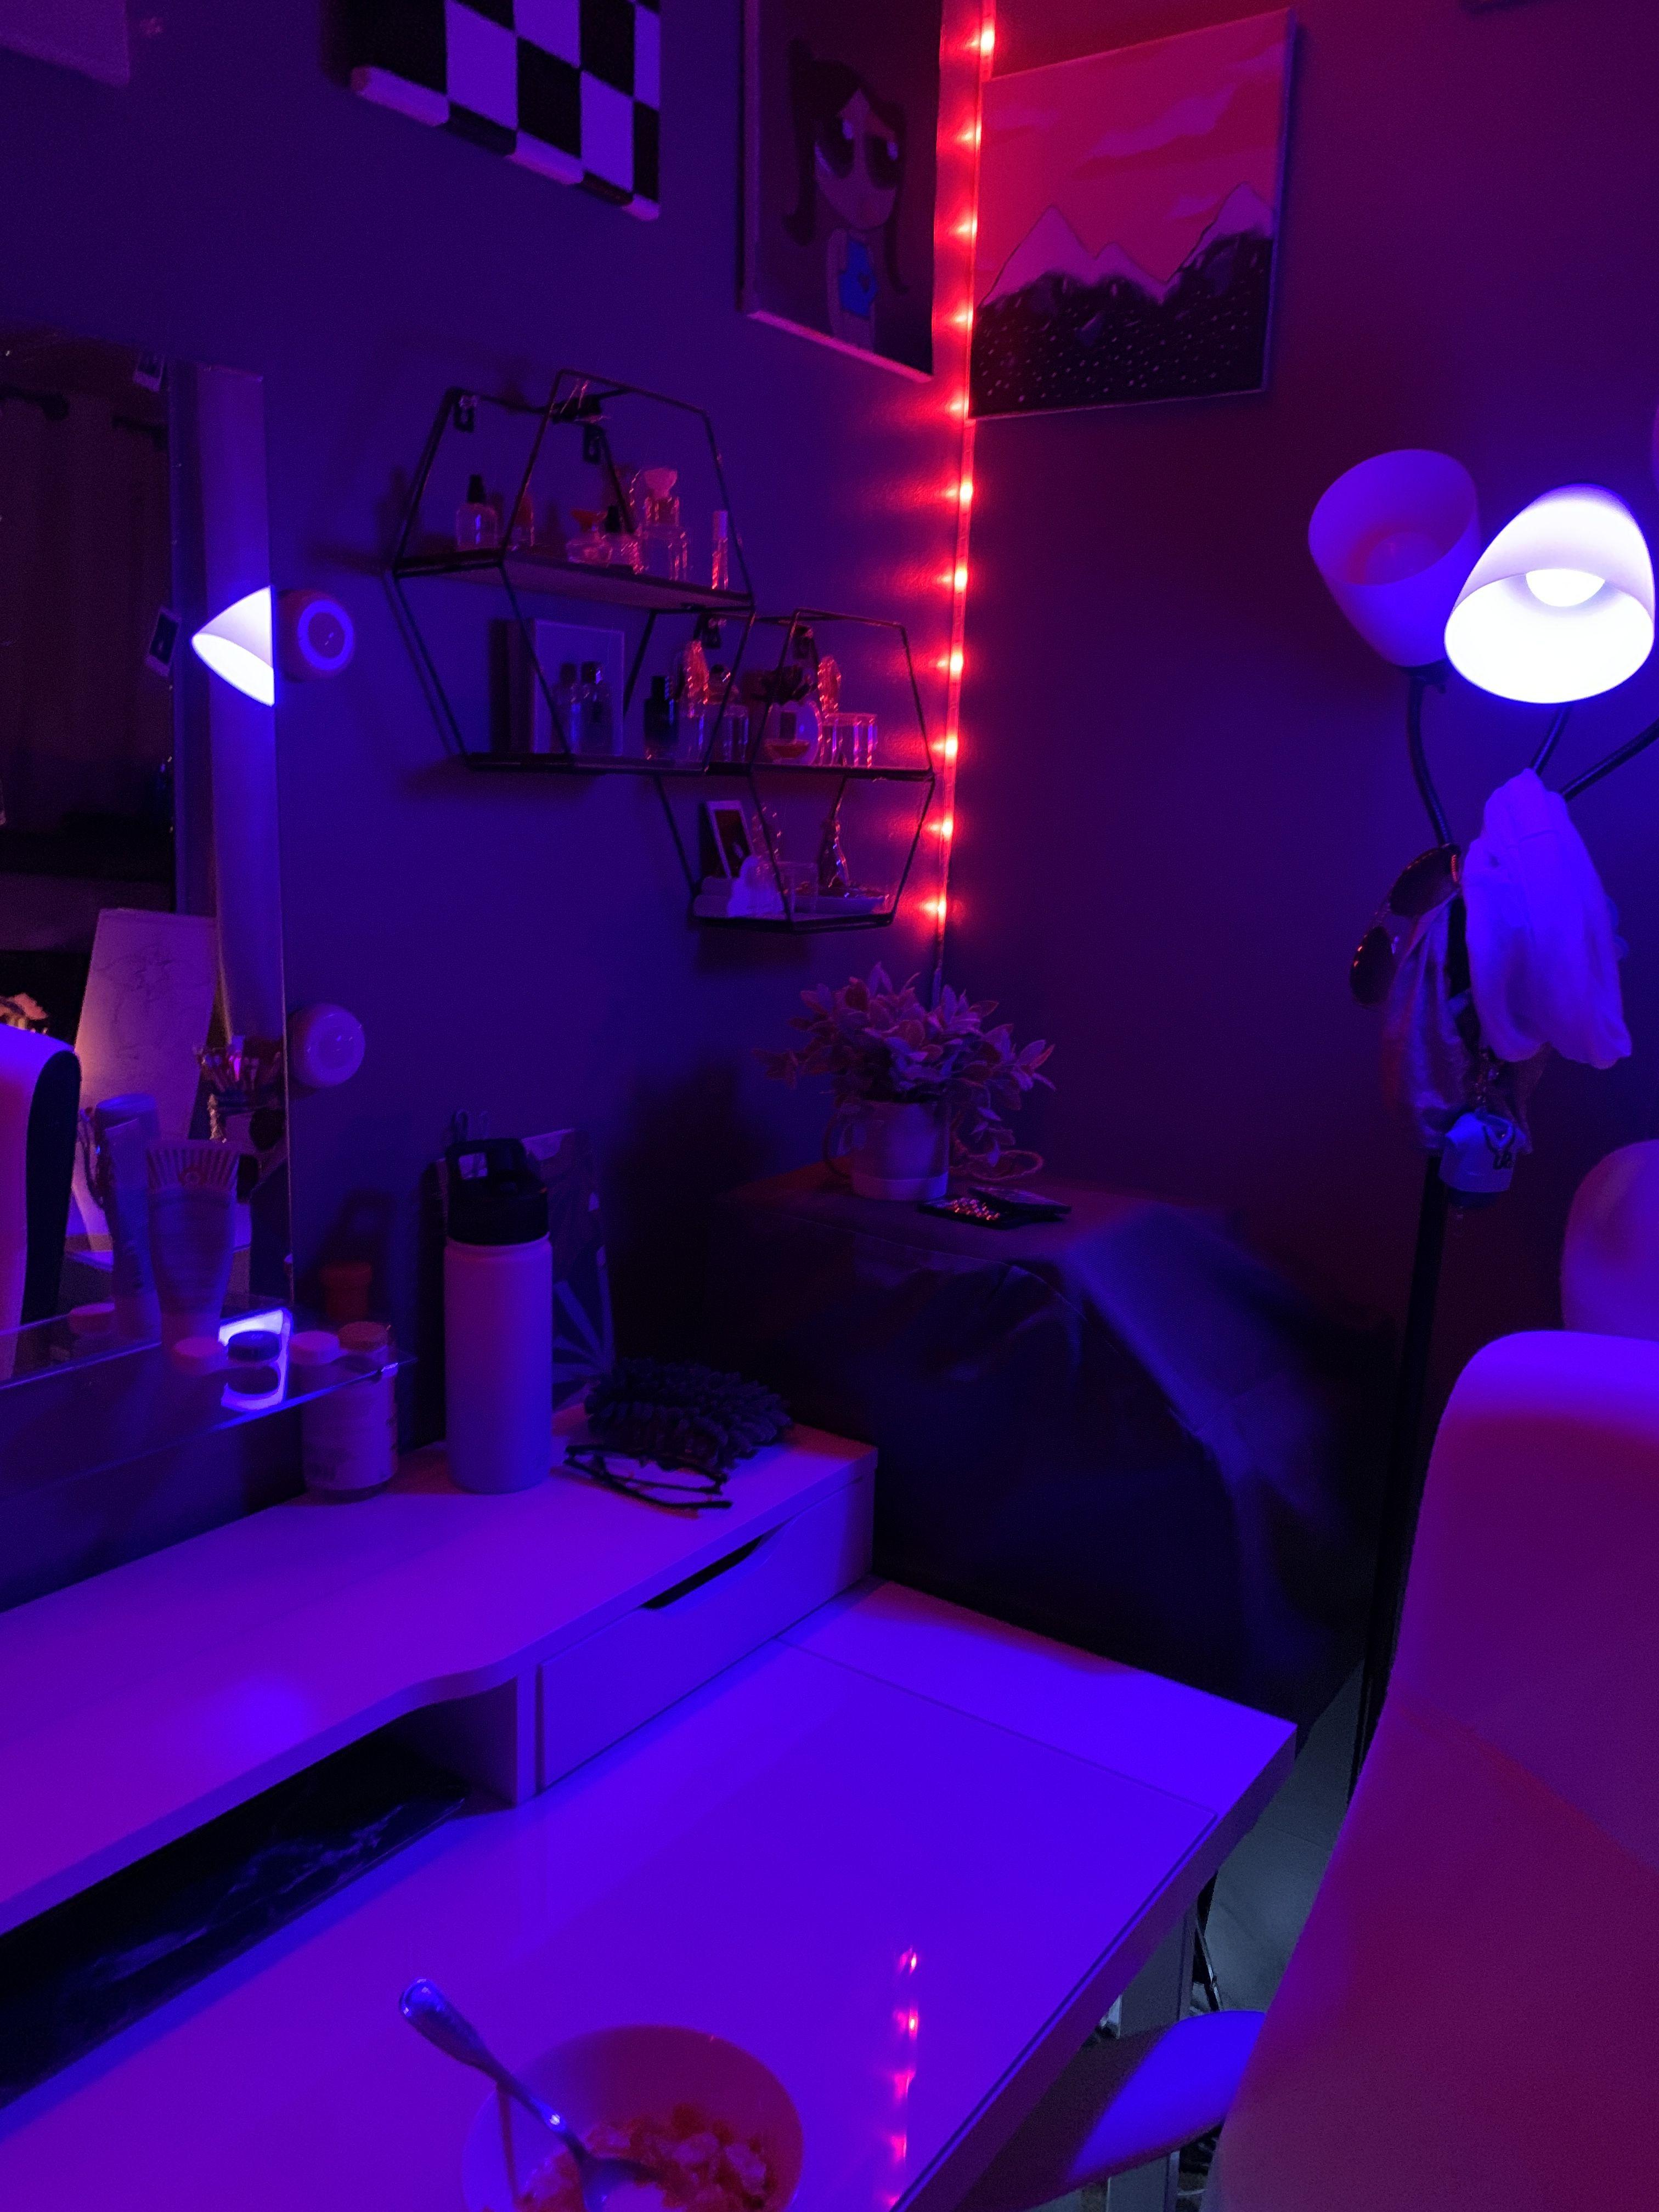 Homemade Art Room in 2020 Homemade art, Art room, Led lights